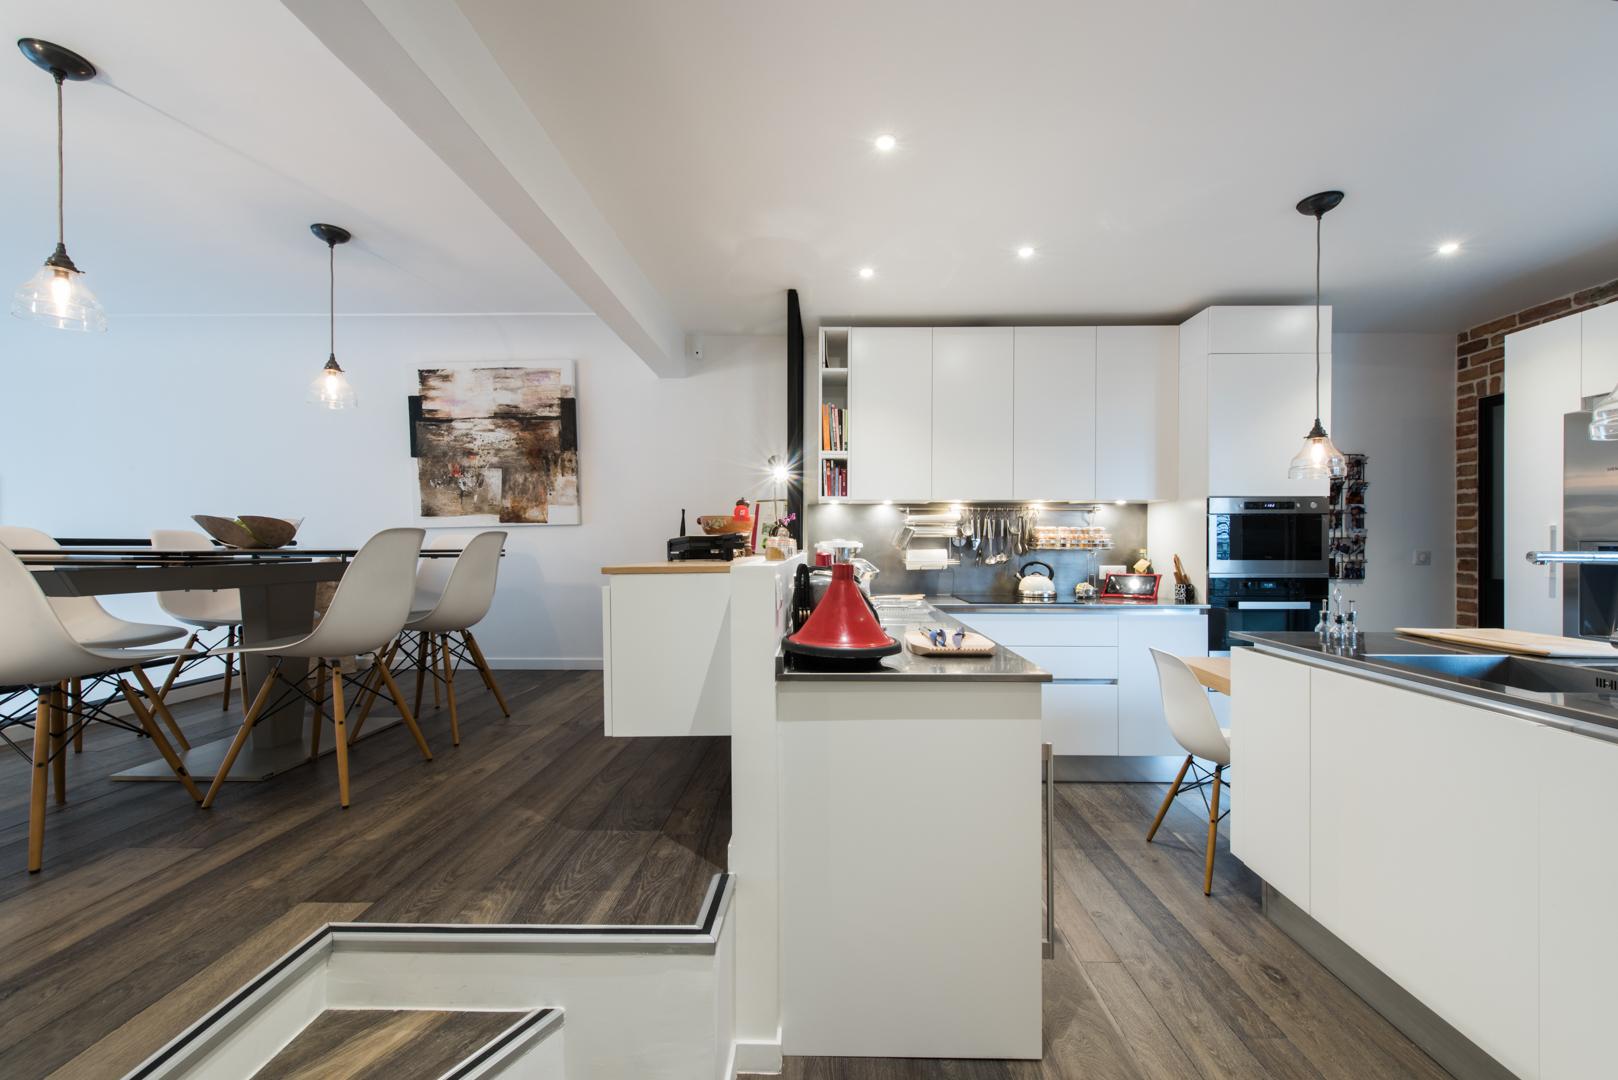 un salon cath drale avec cuisine en mezzanine sk concept. Black Bedroom Furniture Sets. Home Design Ideas